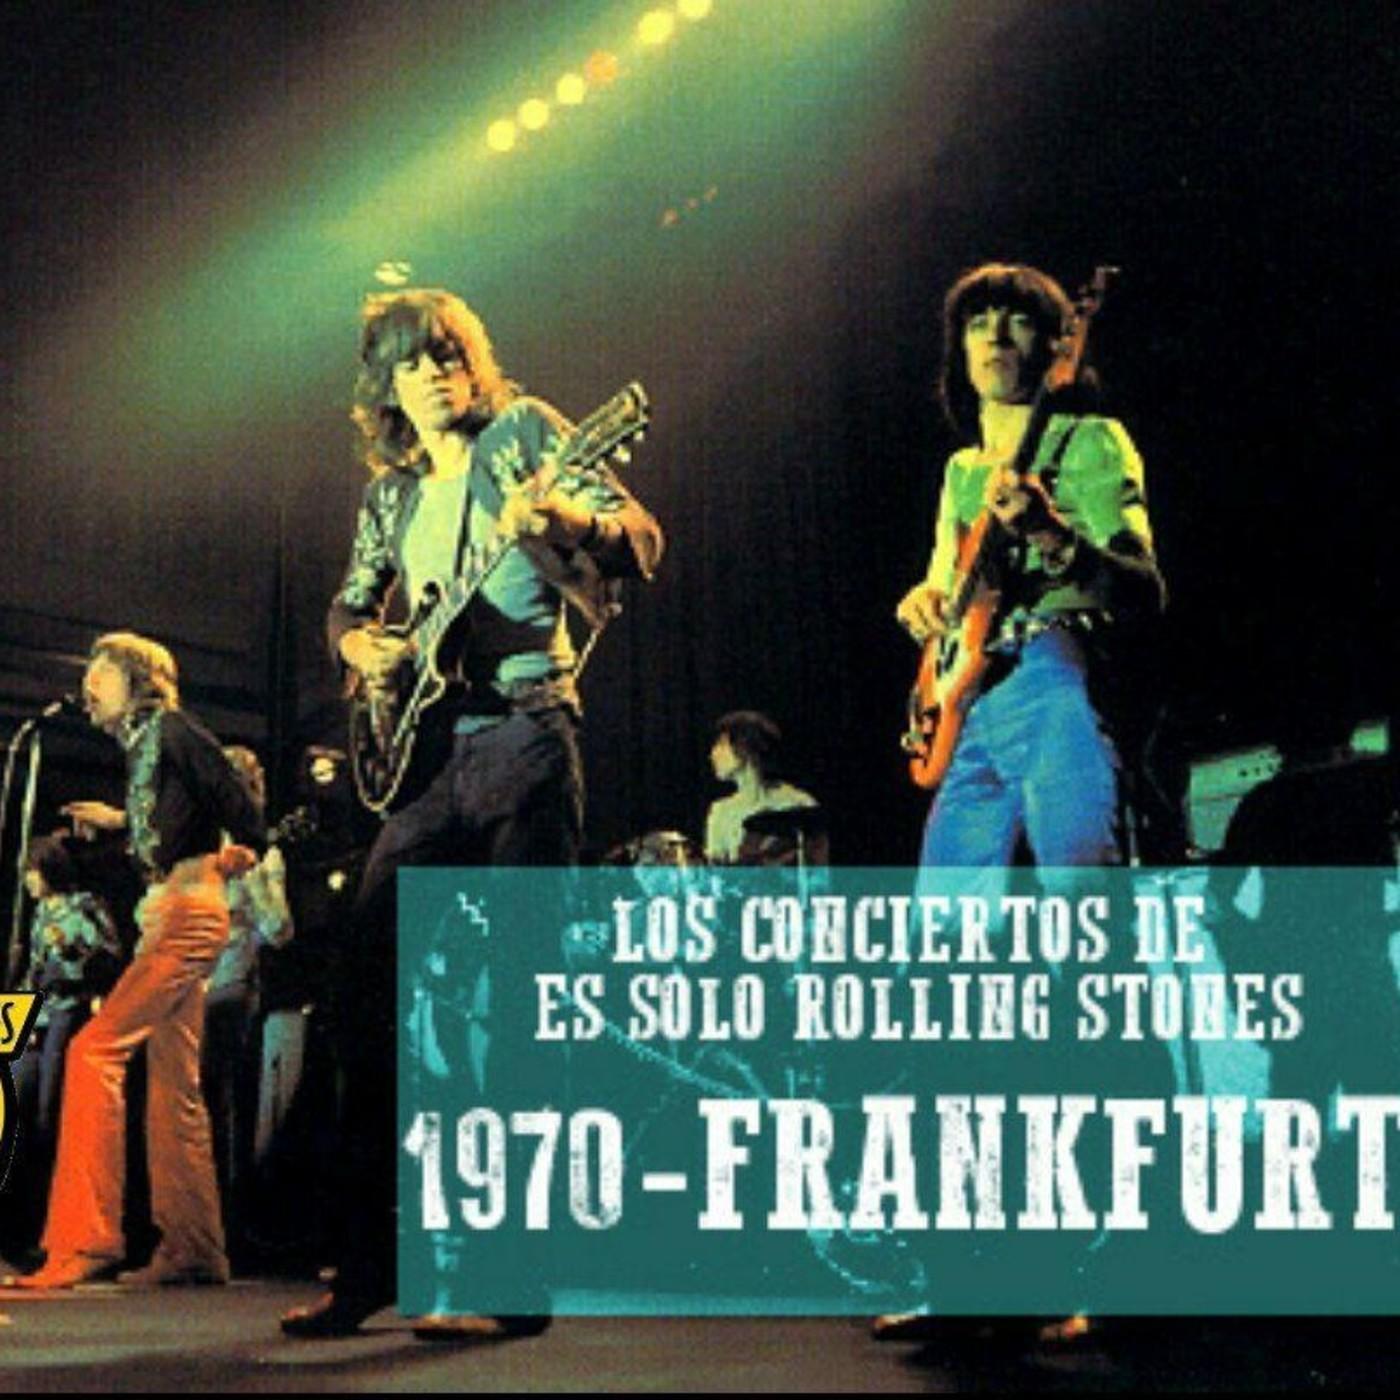 FRANKFURT 1970 - Los conciertos de Es solo Rolling Stones